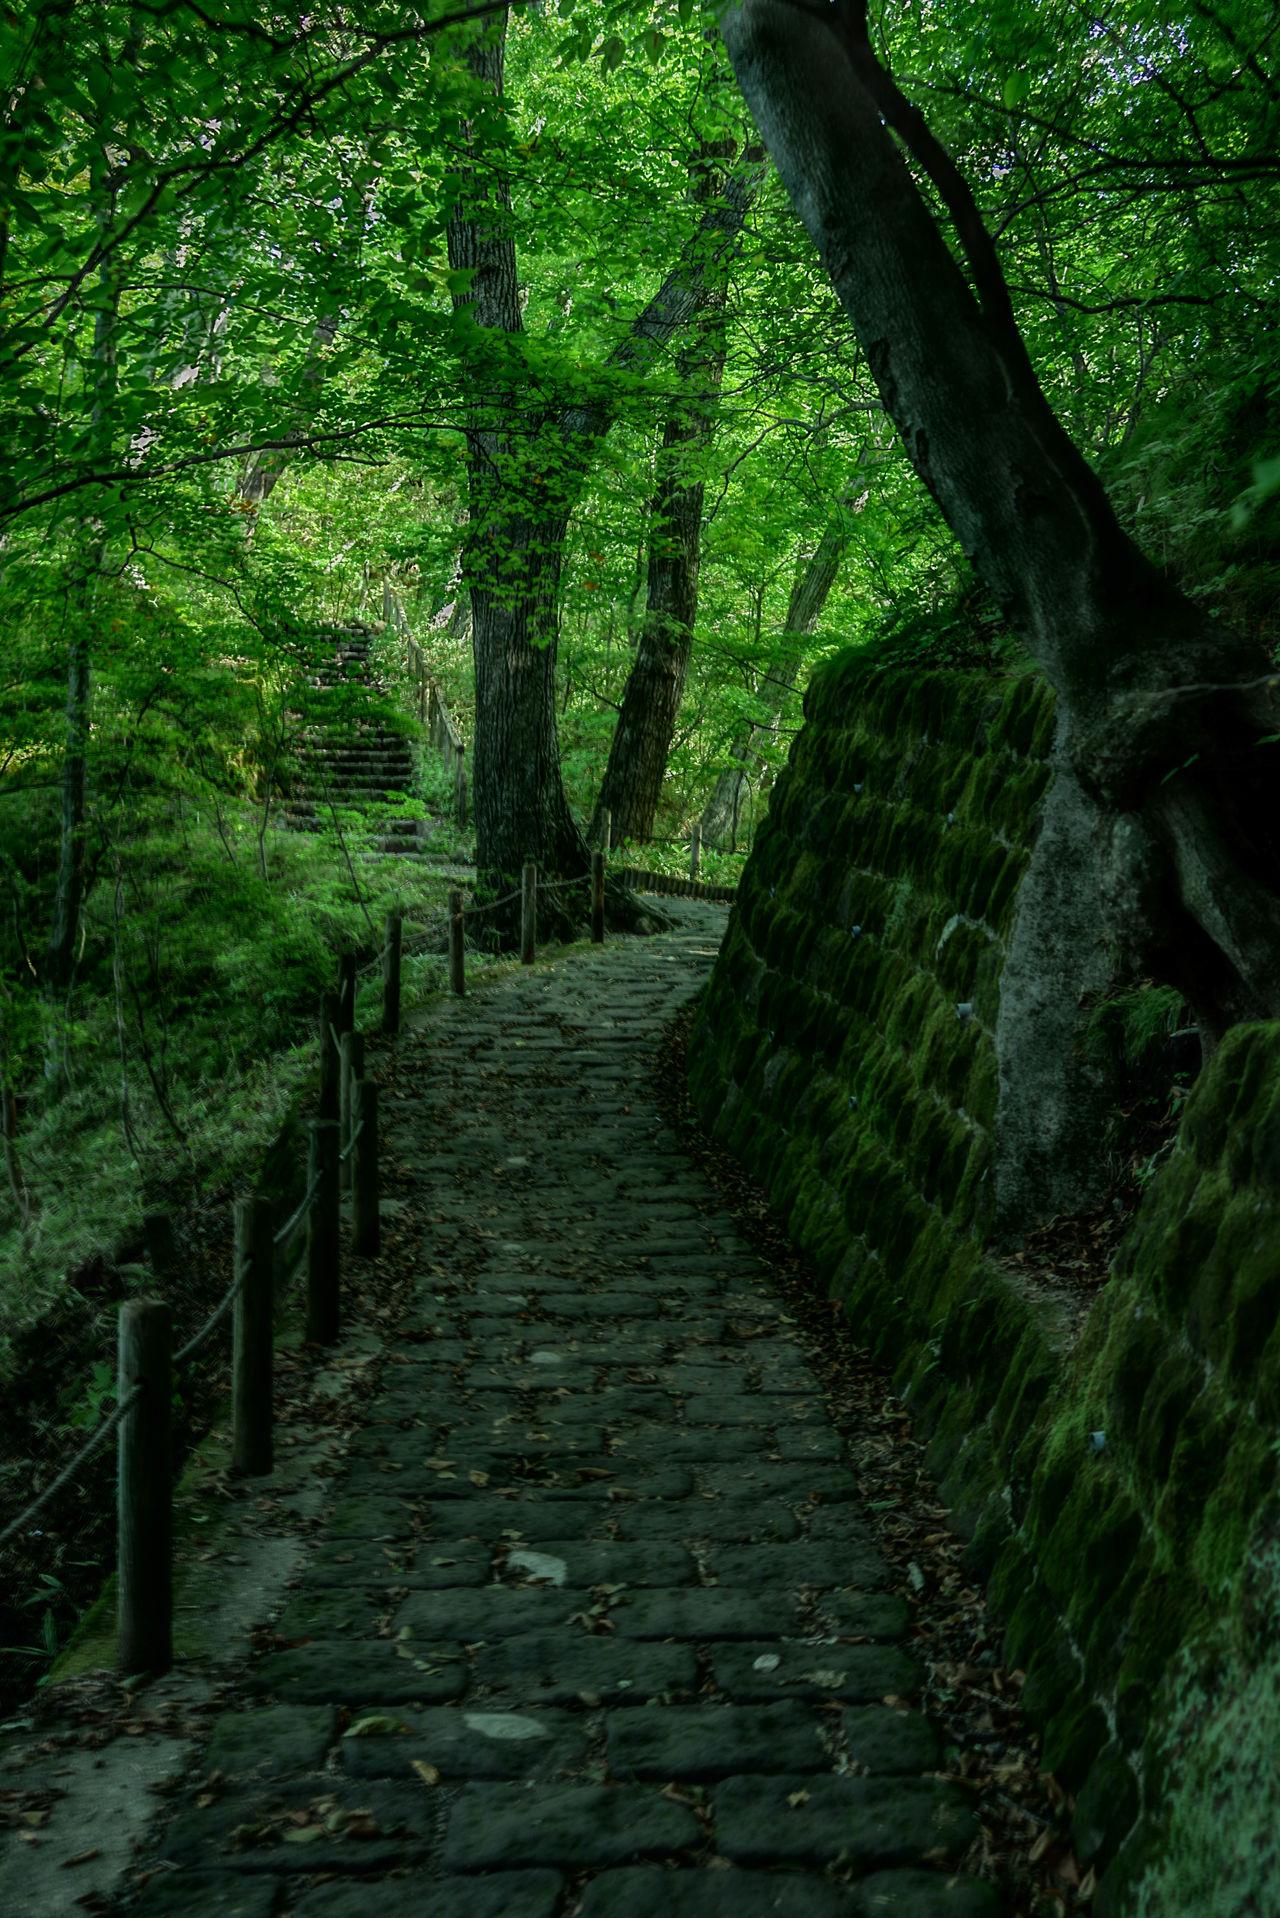 霧降の滝 に向かう歩道はこんな感じ。ちょっと薄暗いけど、豪快な滝の音がしてて旅行に来てるんだなって改めて思った。 Green Green Color Nature Woods 日光 Beautiful Japan Nice View 山のレストラン 霧降高原 Nature Photography Nature HDR HDR Collection Hdr_gallery